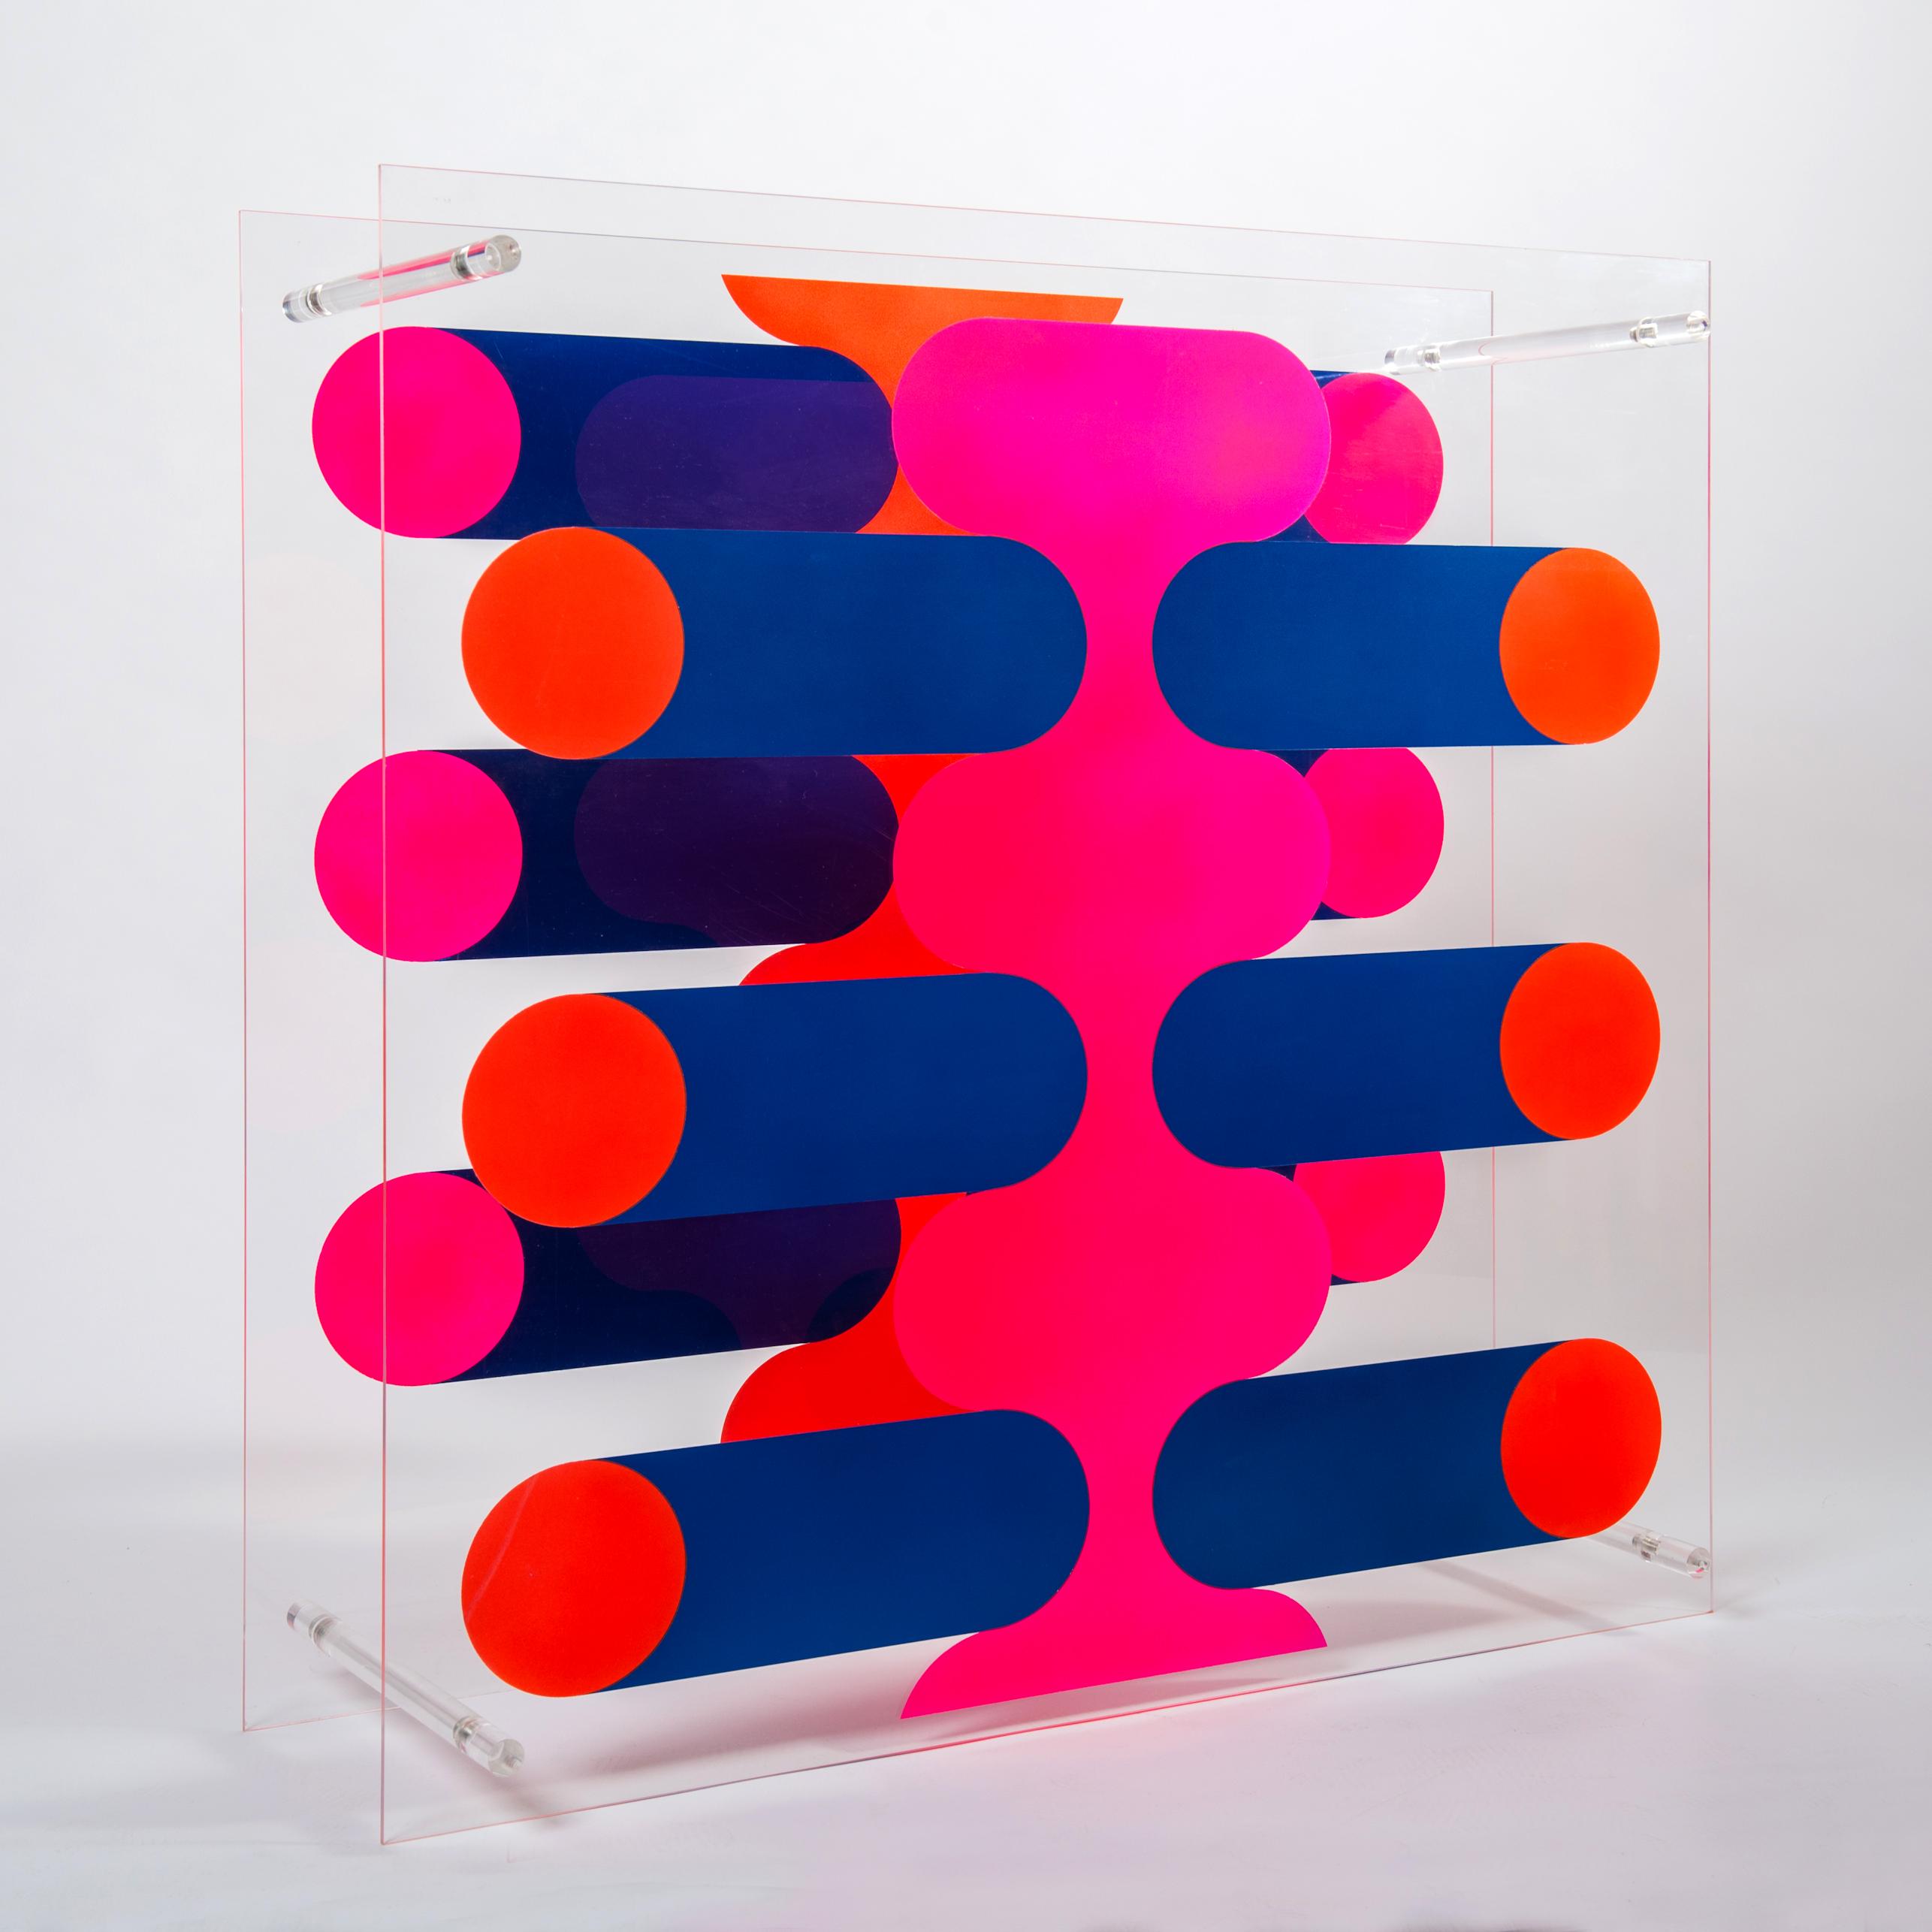 Raumobjekt | Sprühfarbe auf Acrylglas, 90 x 90 x 26 cm, 1970